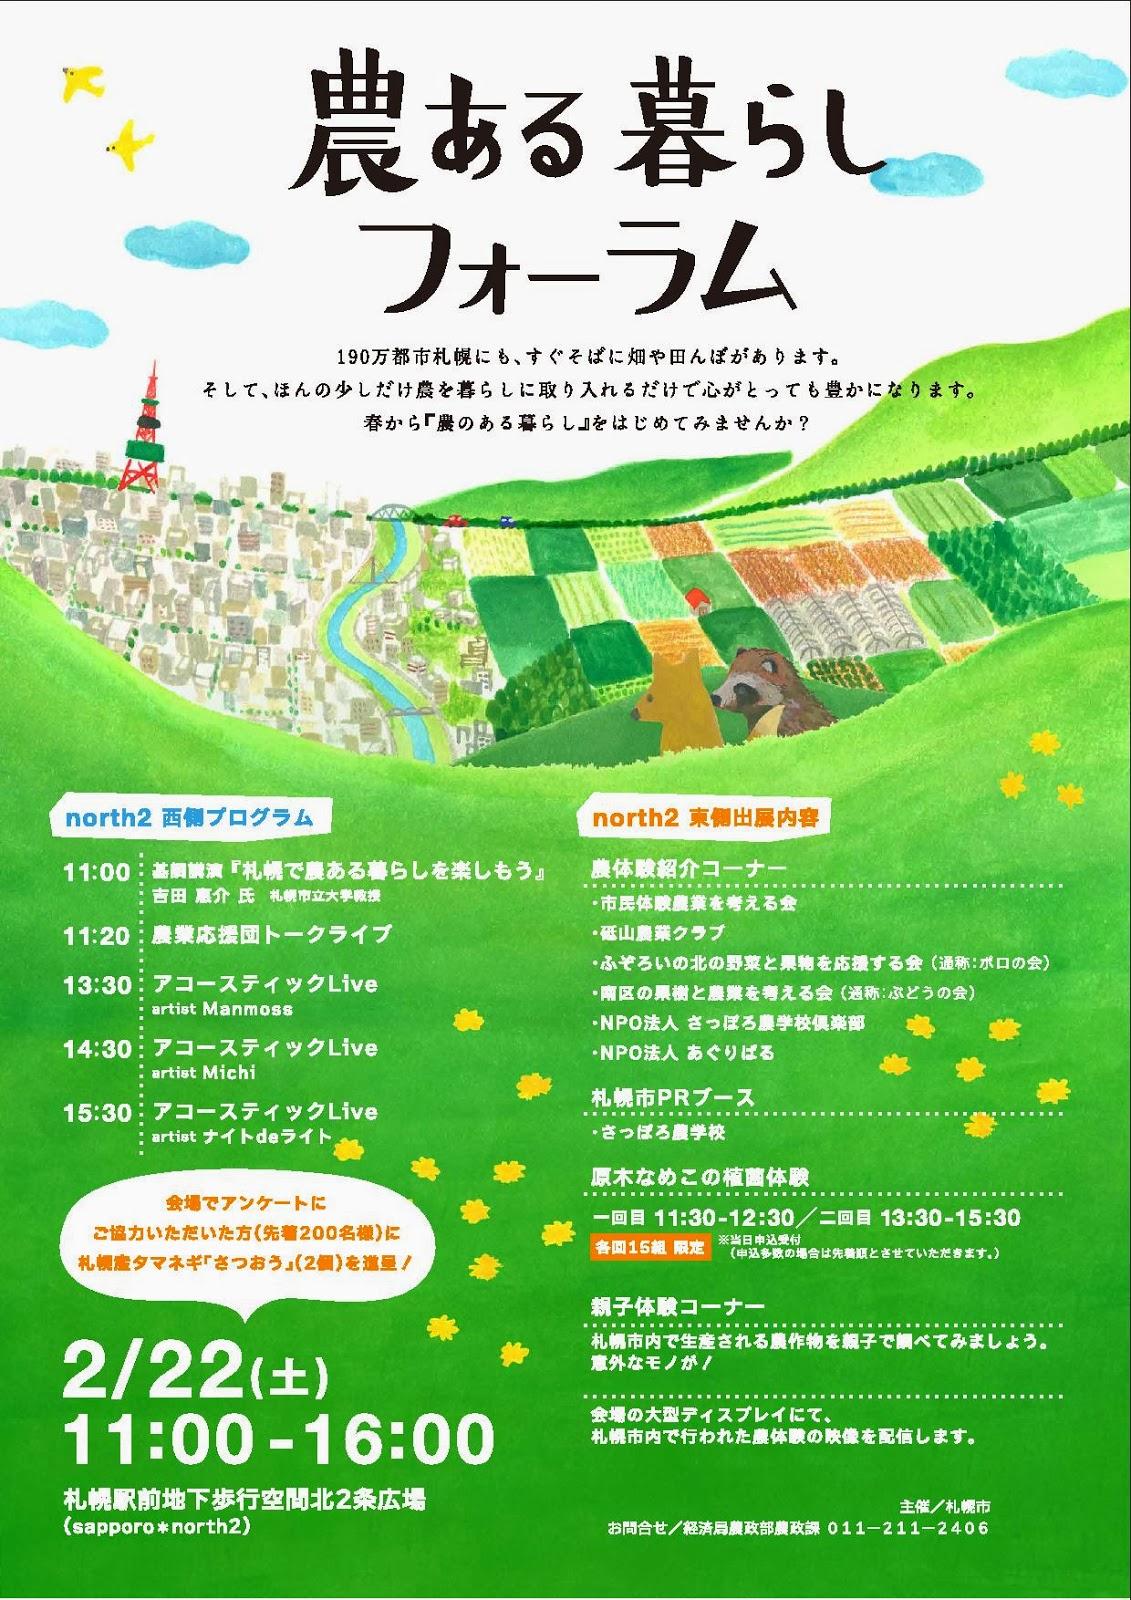 2月22日のイベントに出展します